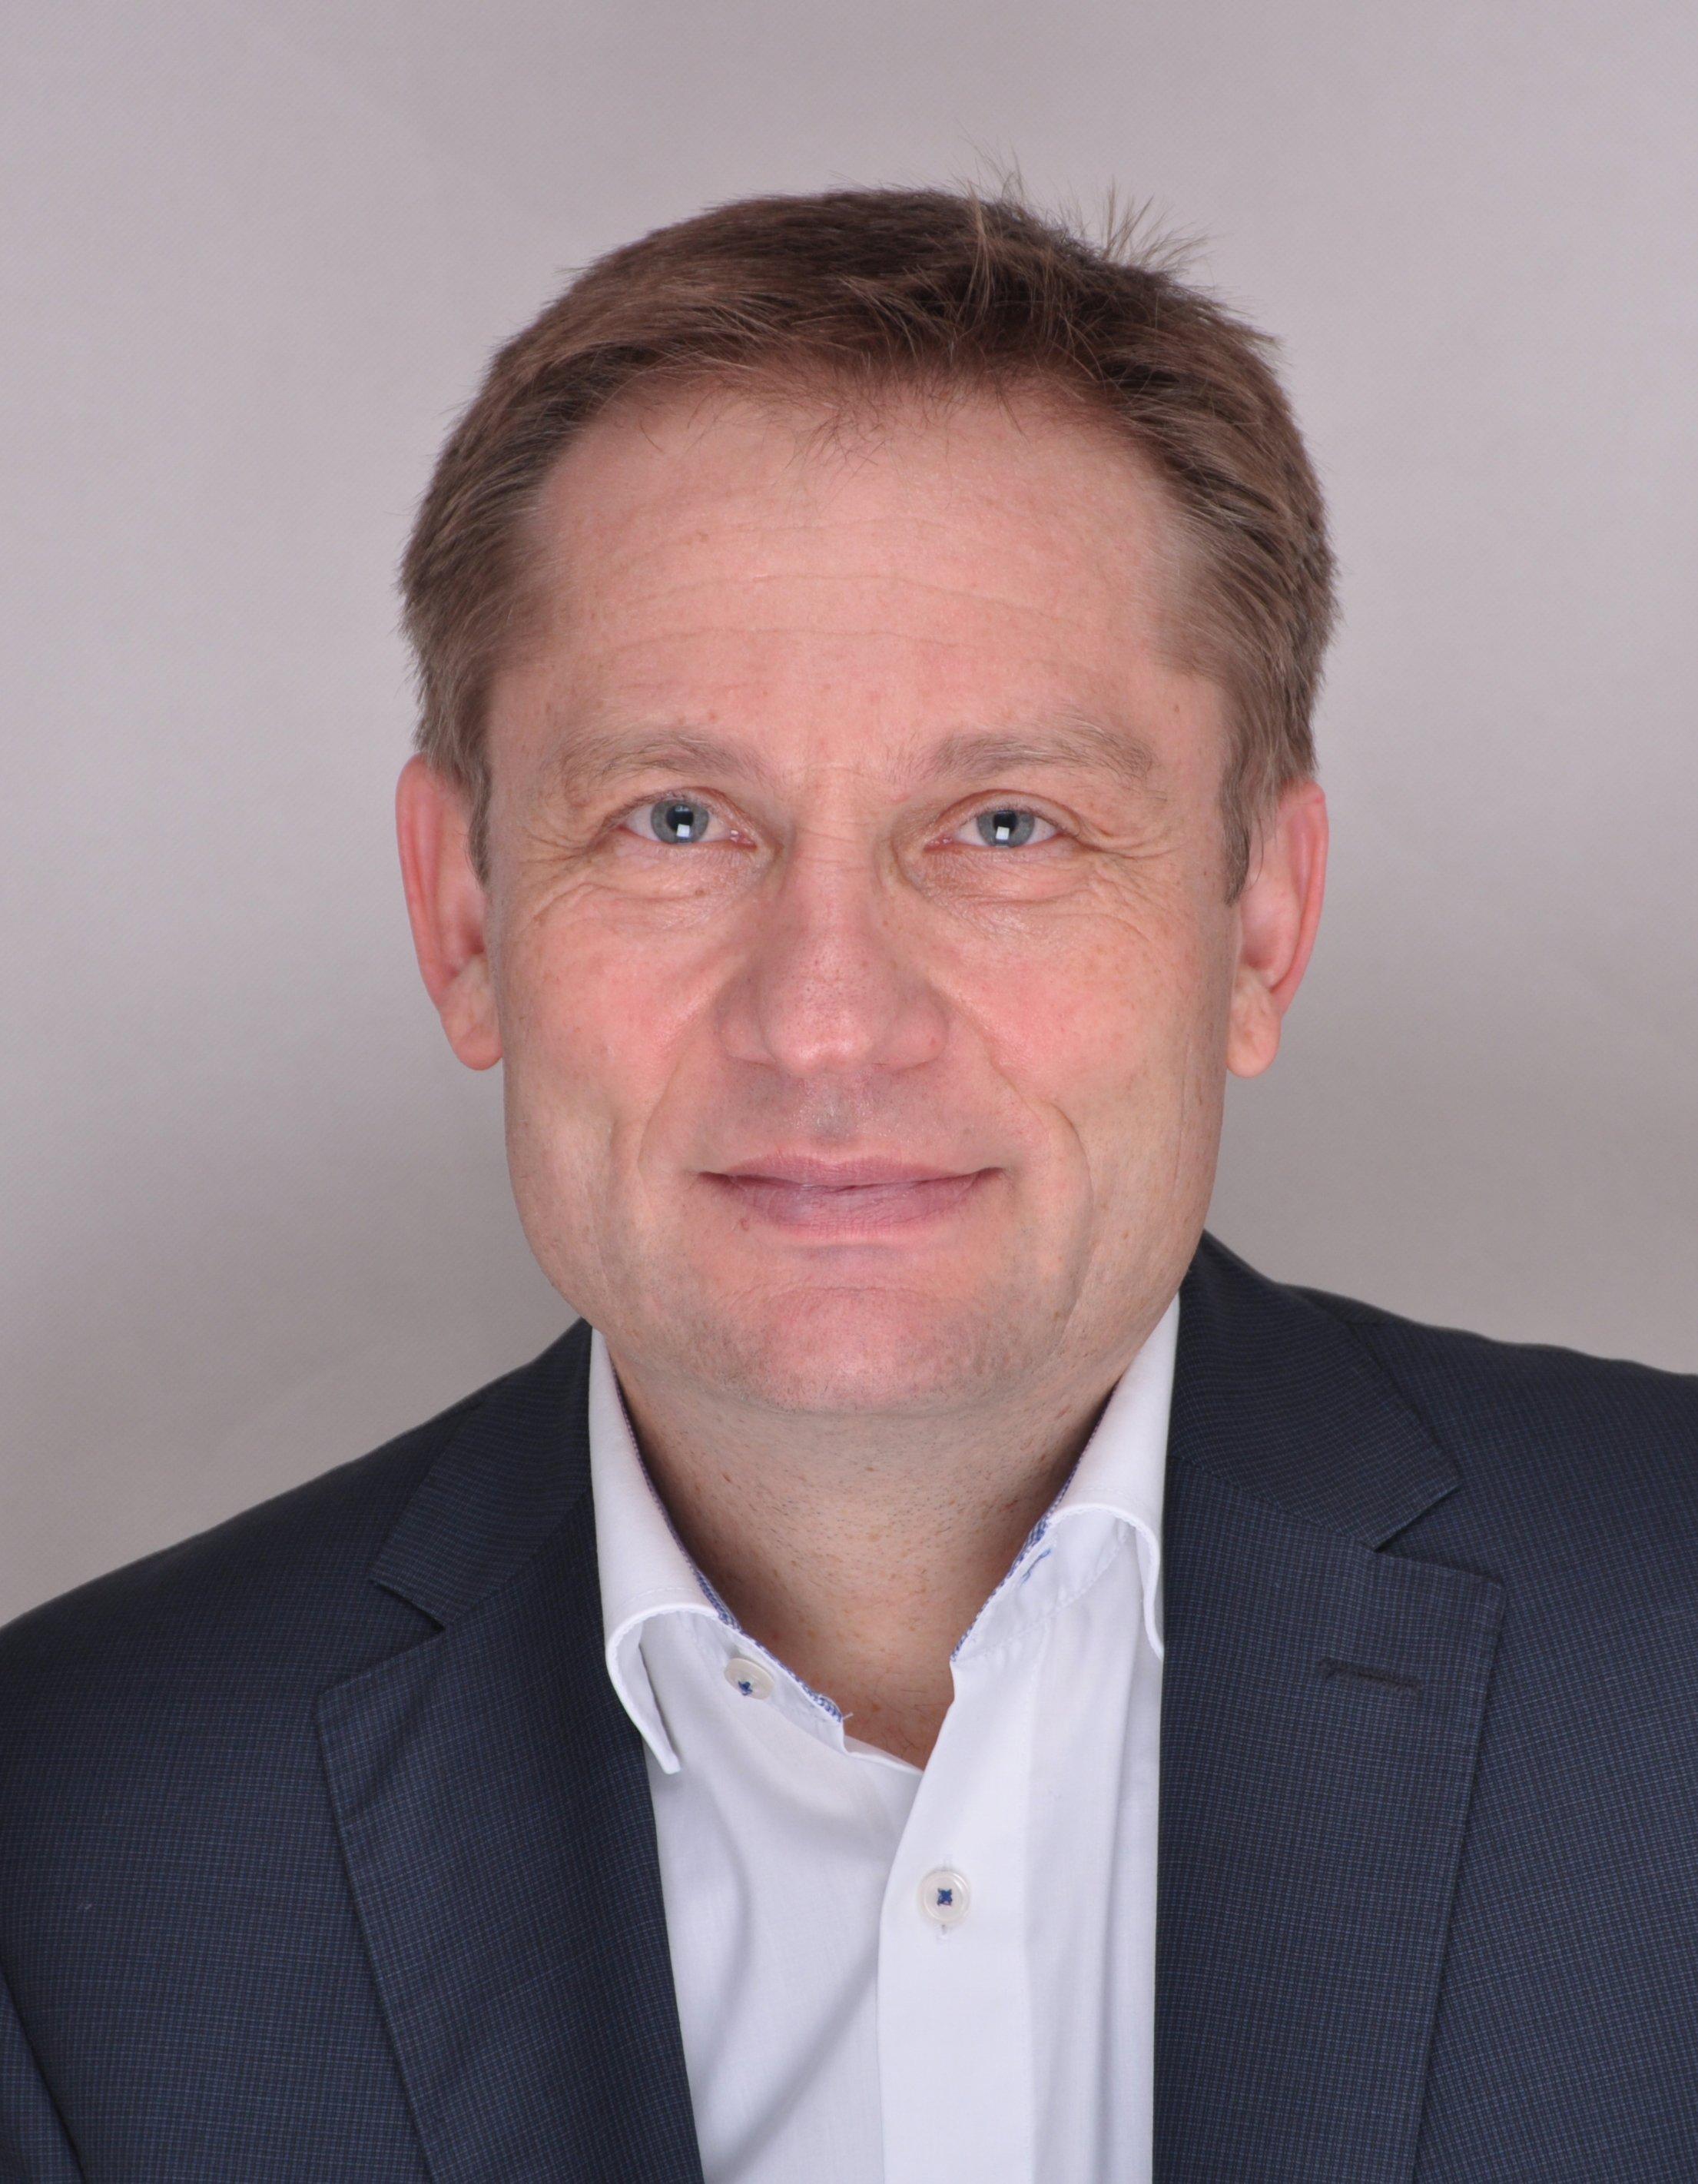 Christian Haessler - Covestro